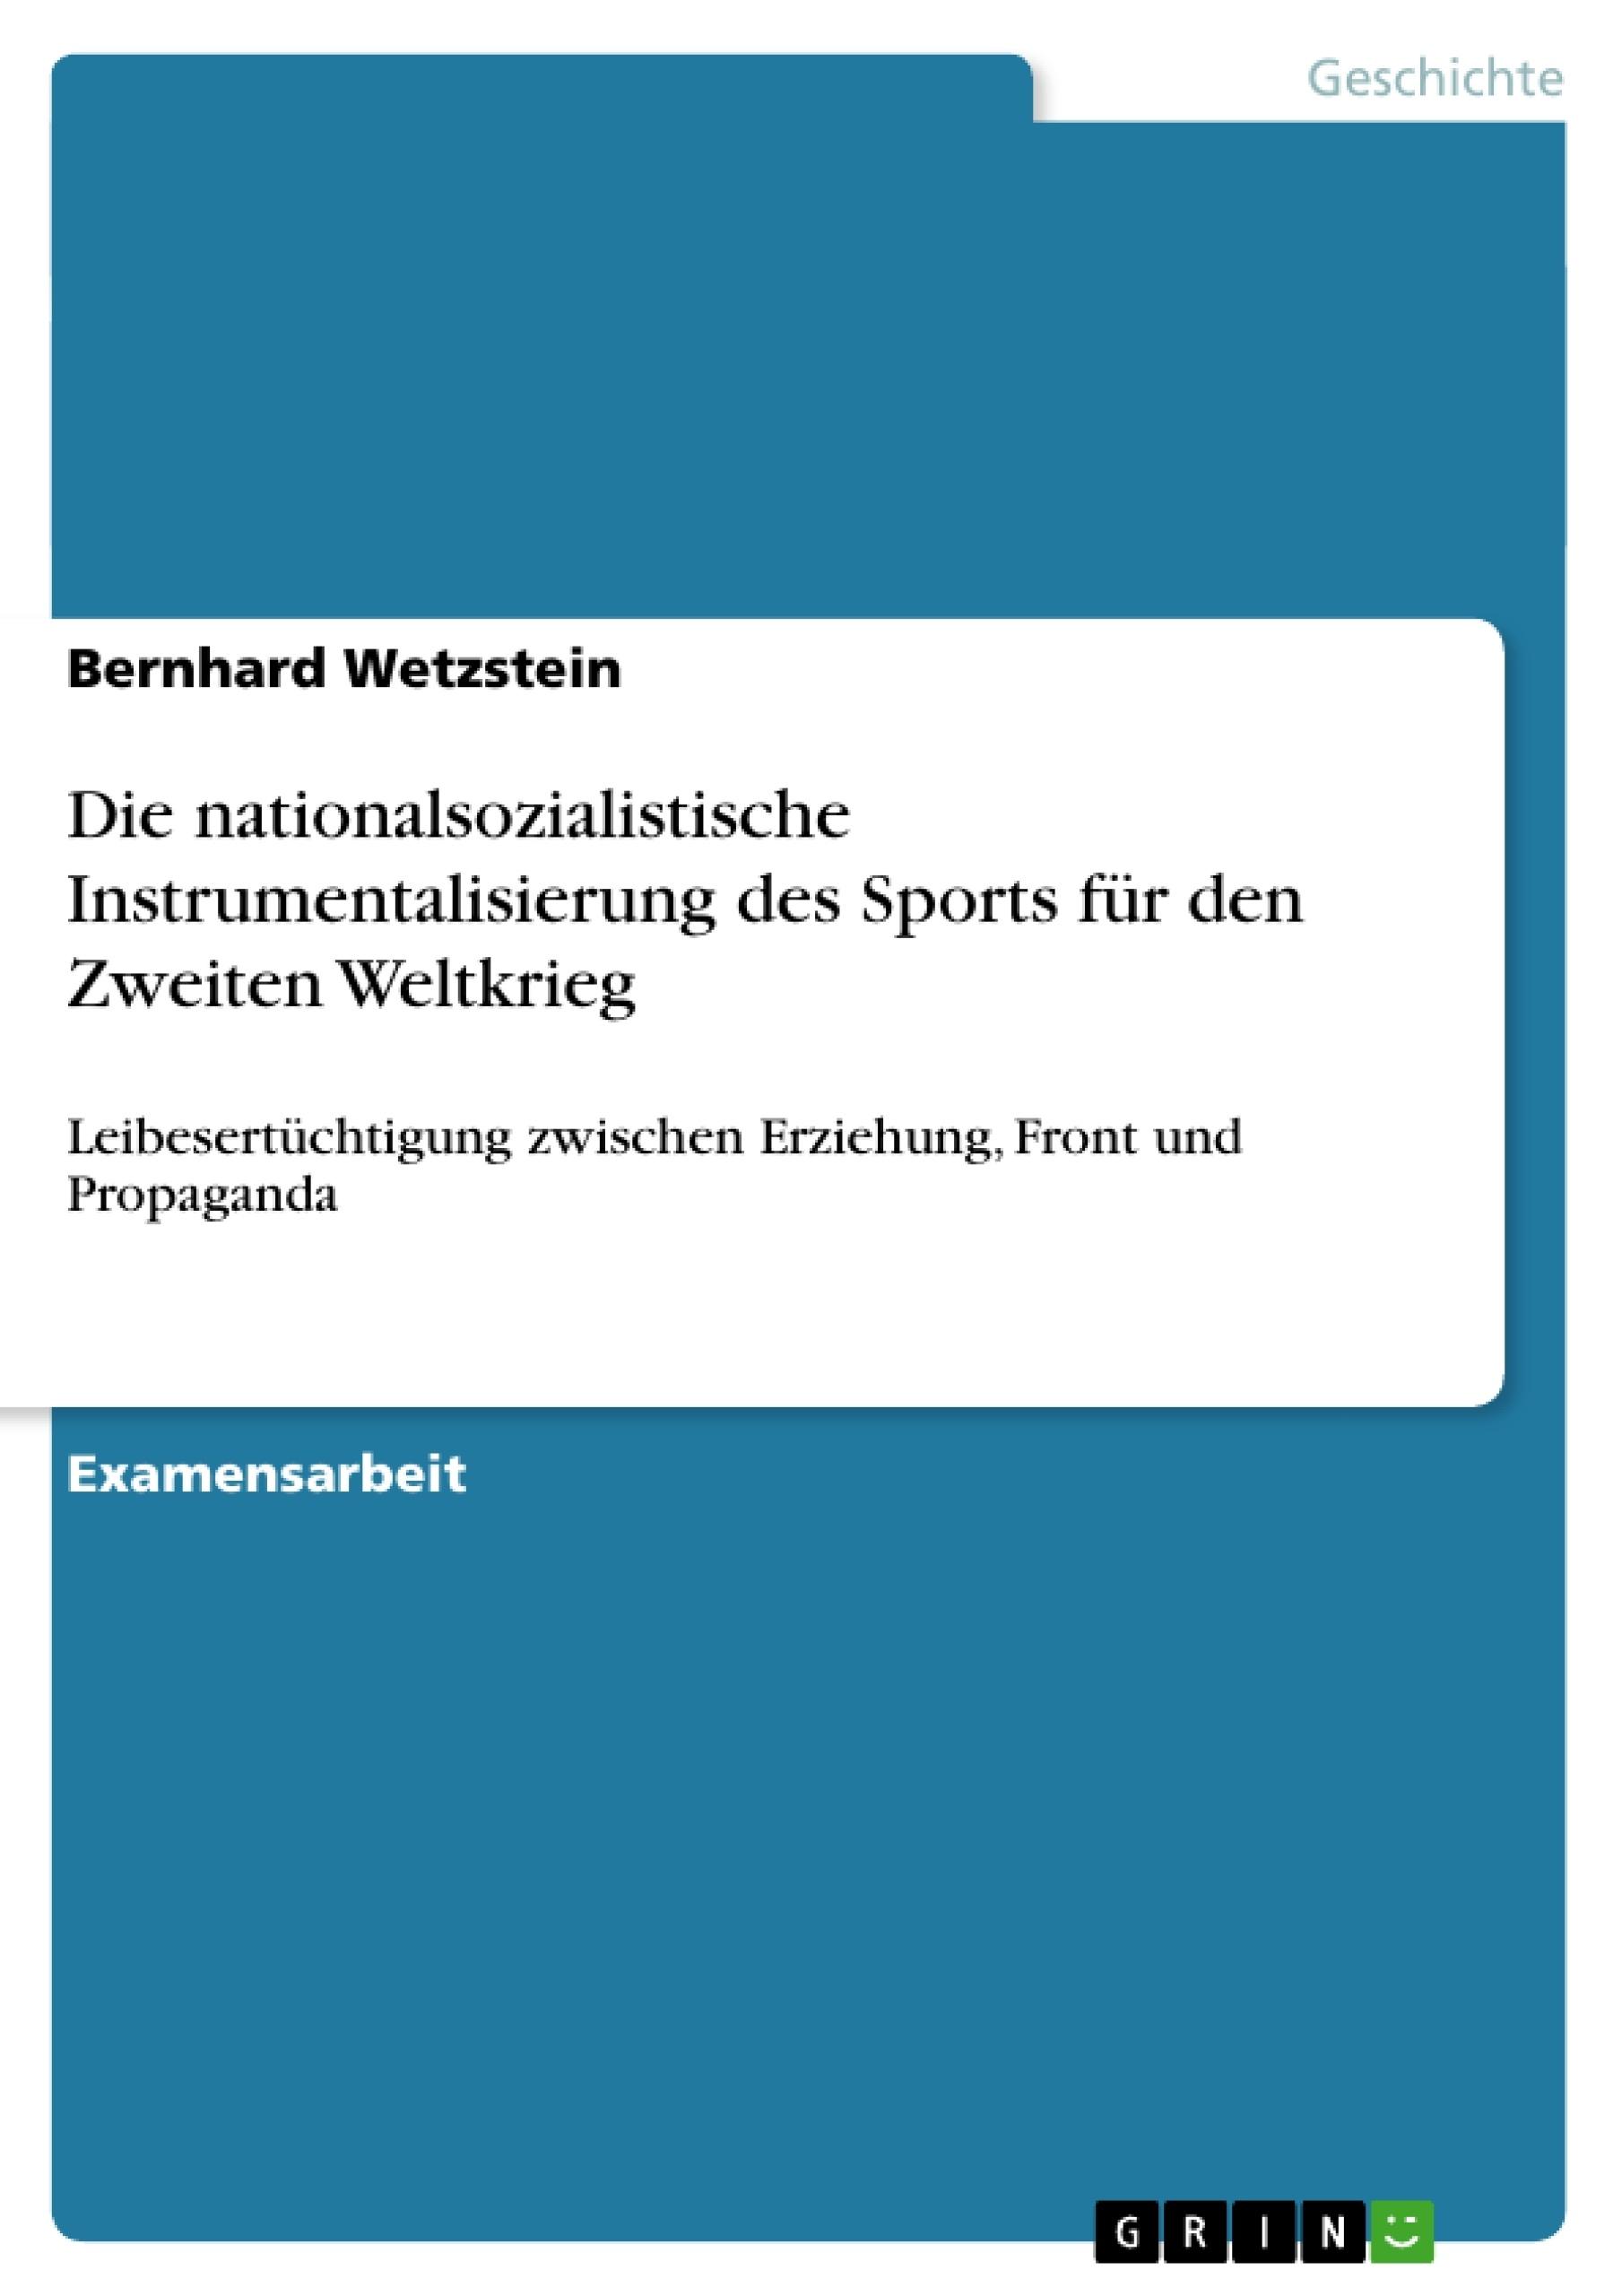 Titel: Die nationalsozialistische Instrumentalisierung des Sports  für den Zweiten Weltkrieg